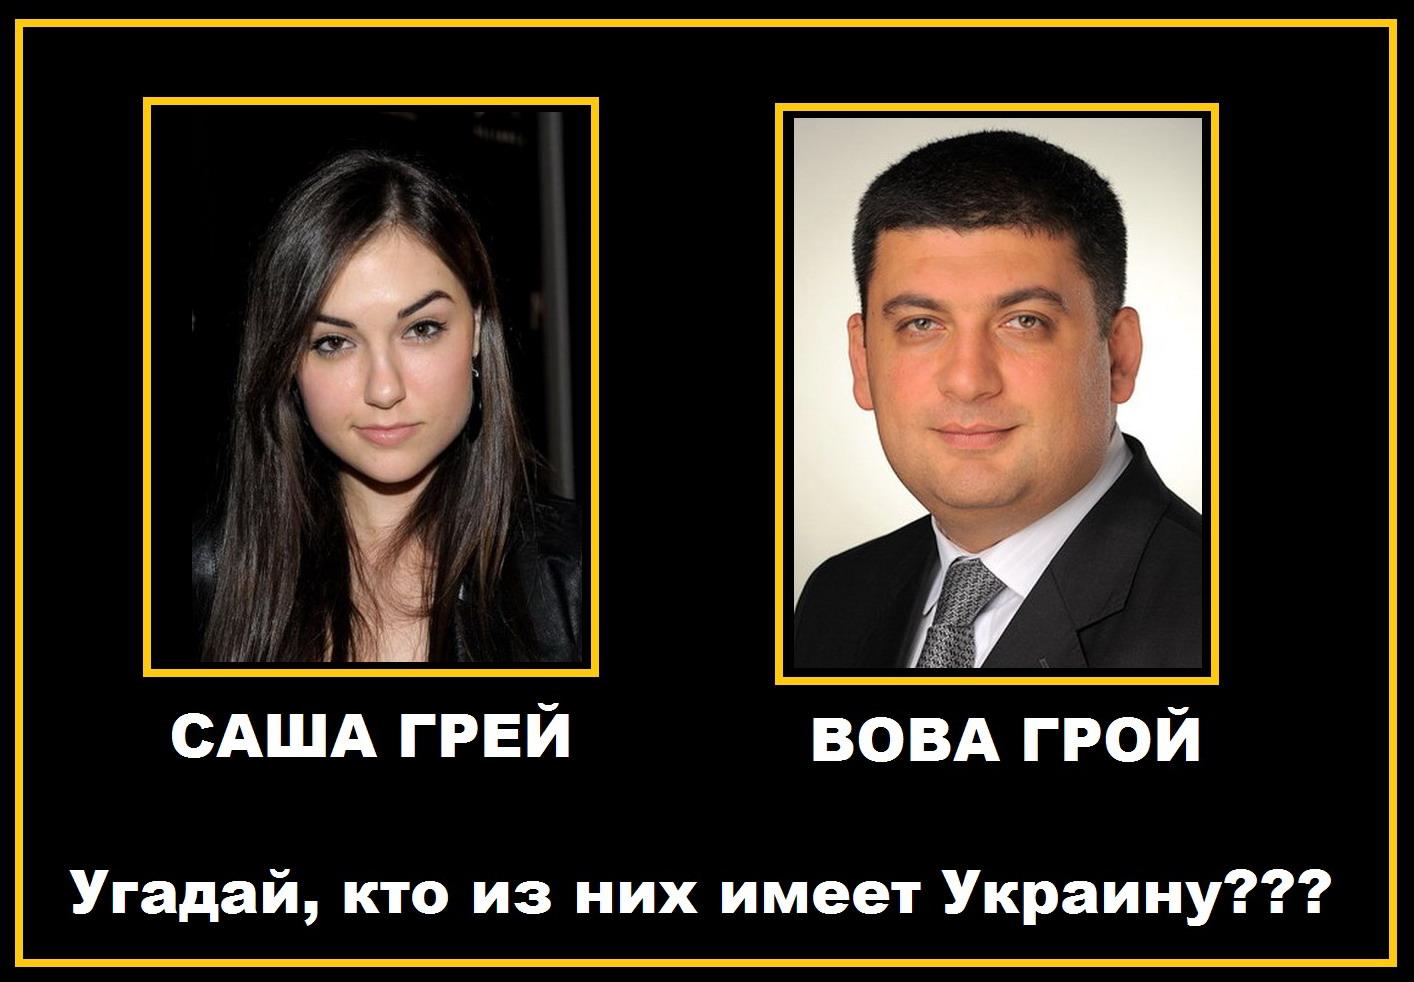 ГРОЙСМАН ВОВА.jpg